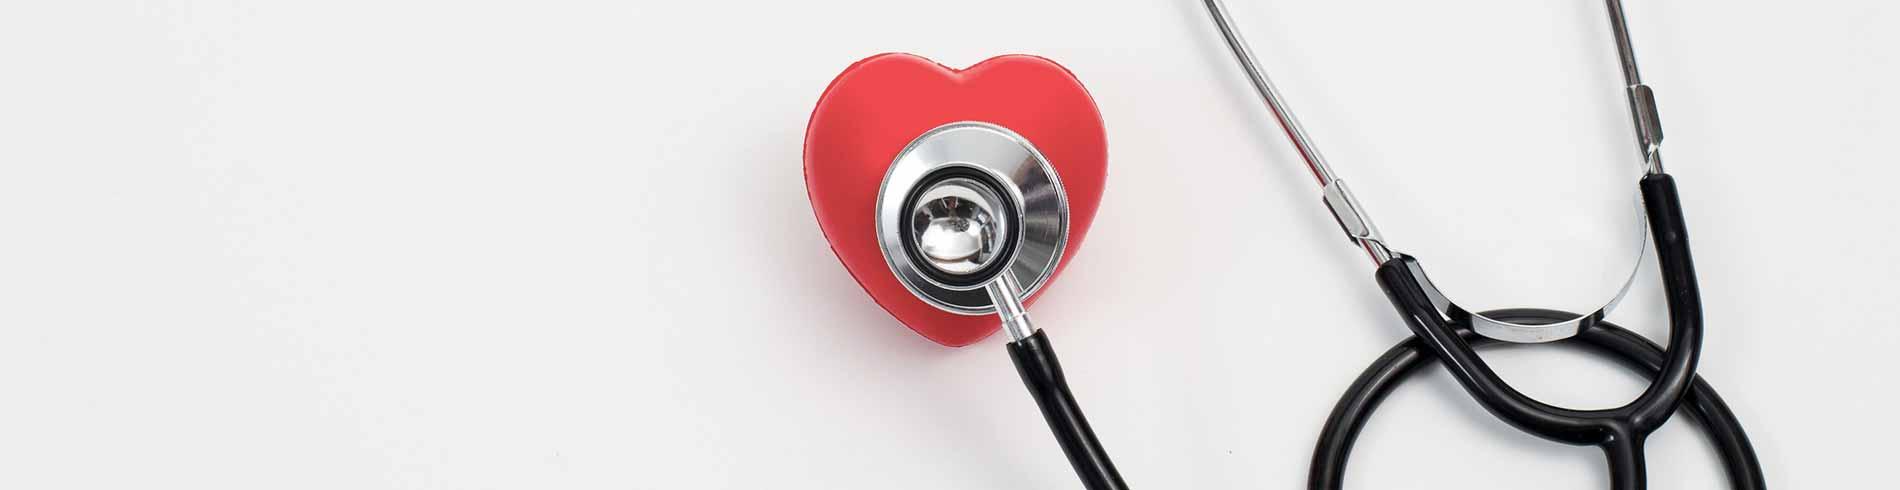 Rehabilitació cardíaca